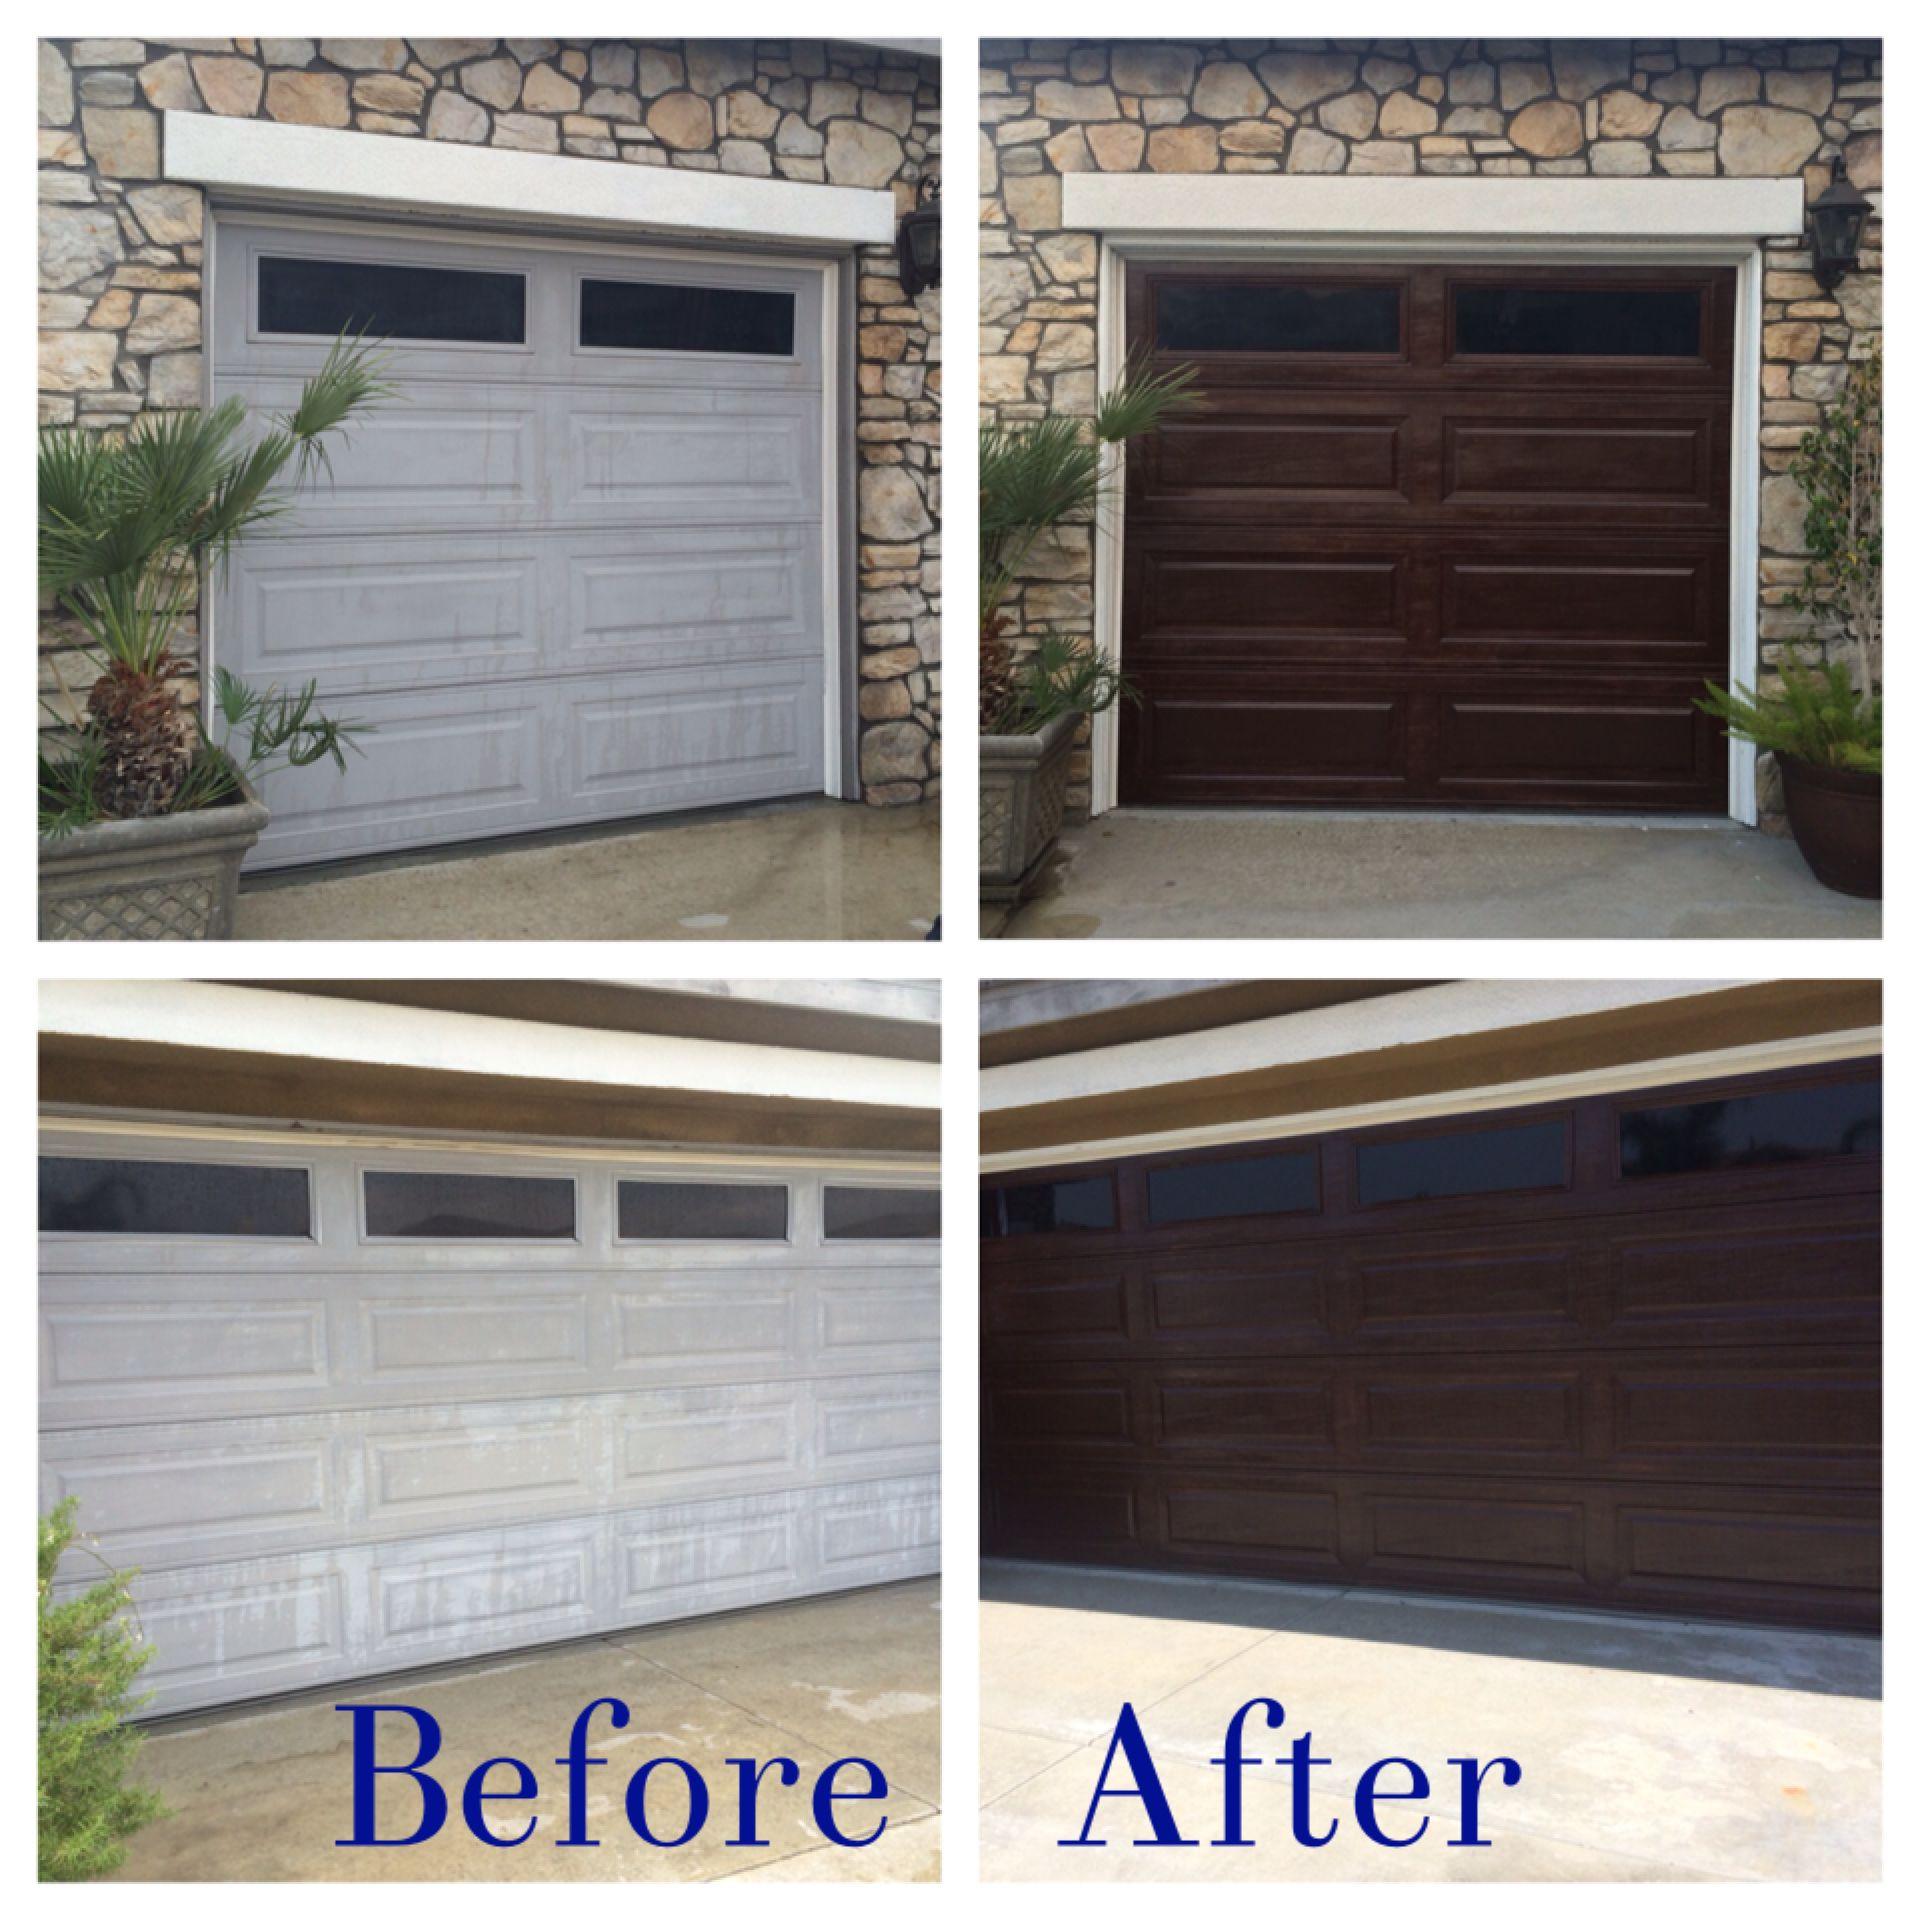 Diy garage door makeover using gel stain diy home for How to stain a wood garage door